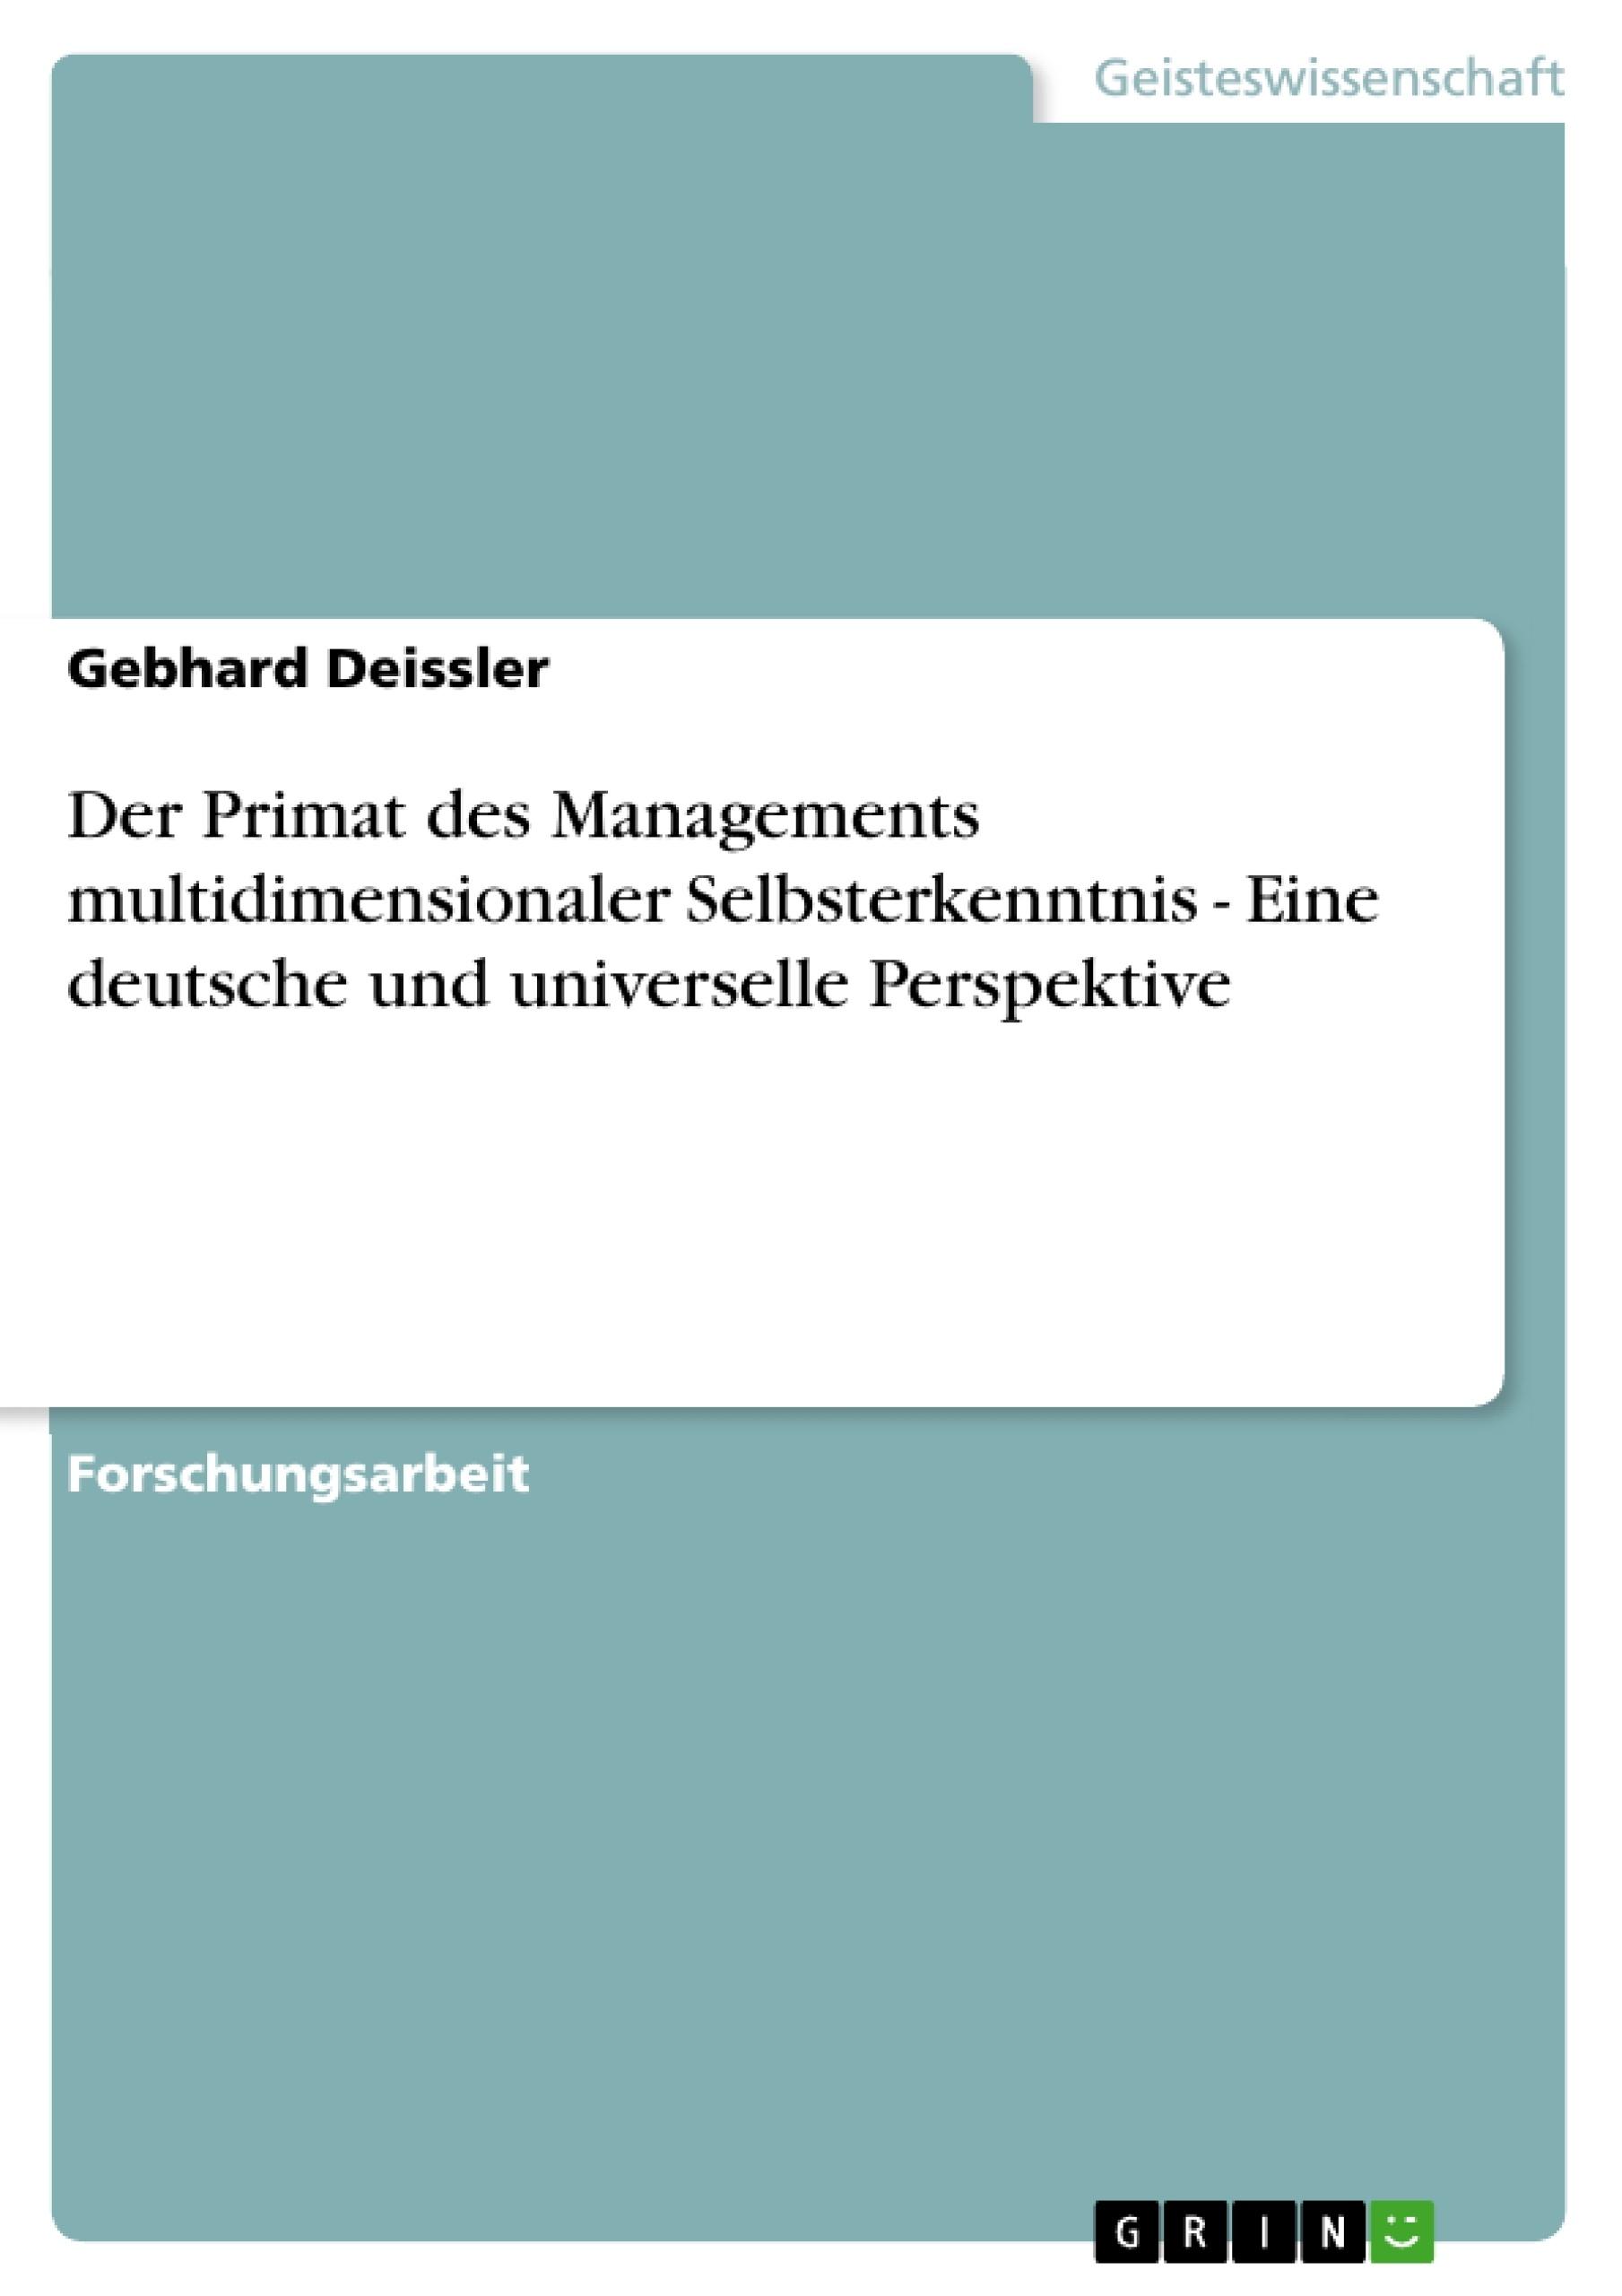 Titel: Der Primat des Managements multidimensionaler Selbsterkenntnis - Eine deutsche und universelle Perspektive